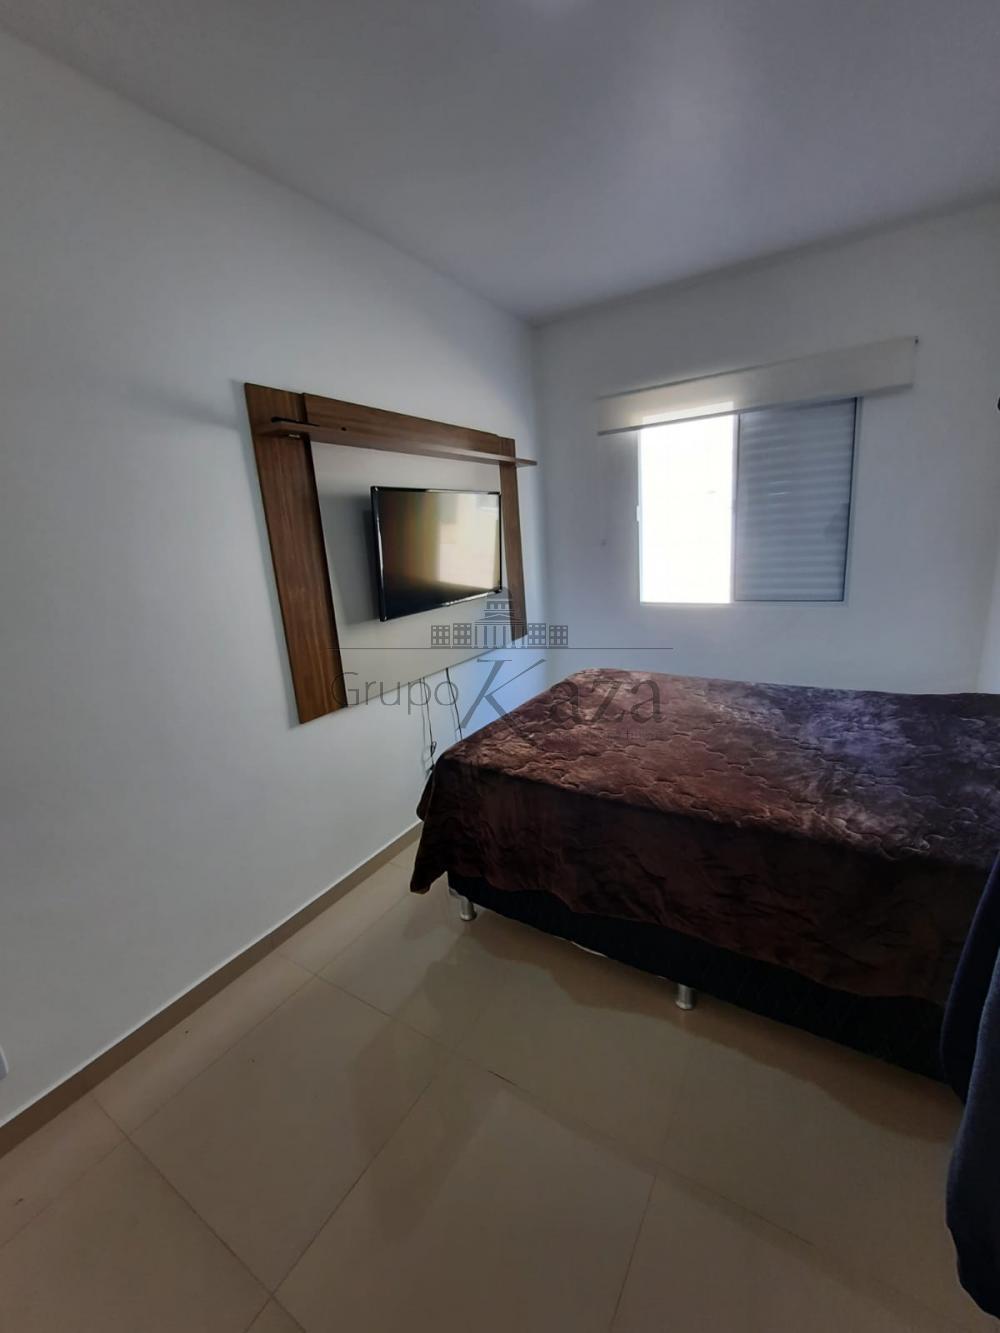 alt='Comprar Apartamento / Padrão em São José dos Campos R$ 280.000,00 - Foto 4' title='Comprar Apartamento / Padrão em São José dos Campos R$ 280.000,00 - Foto 4'